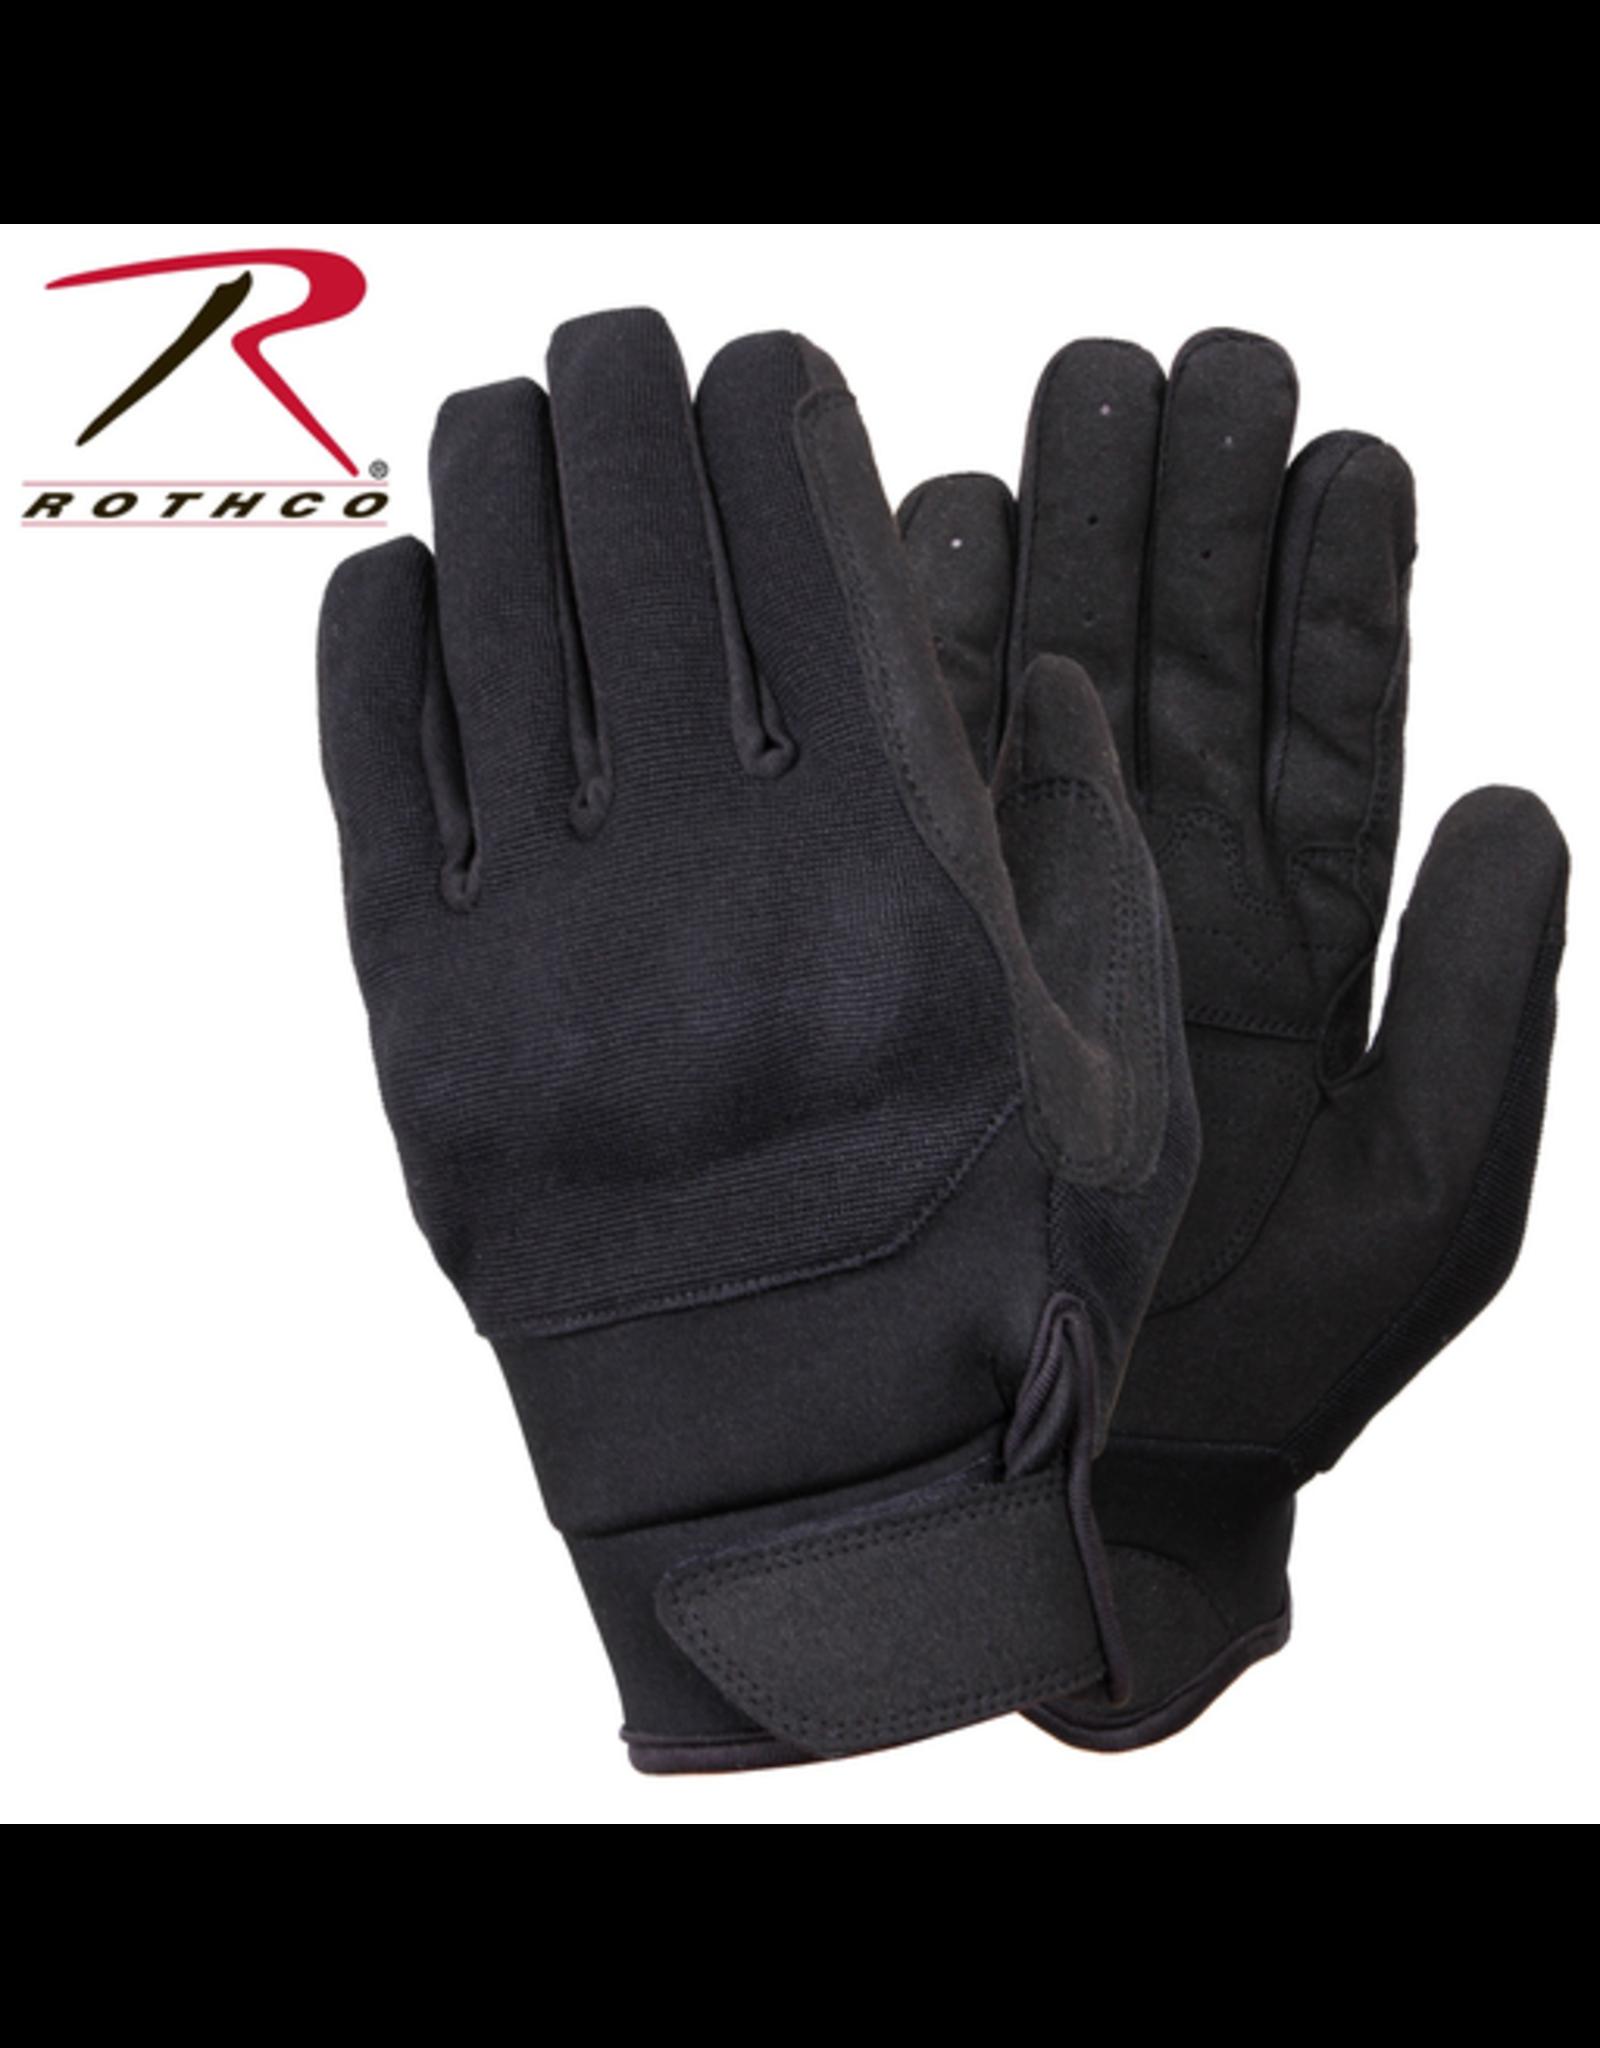 Rothco Rothco Hybrid Hard Knuckle Gloves